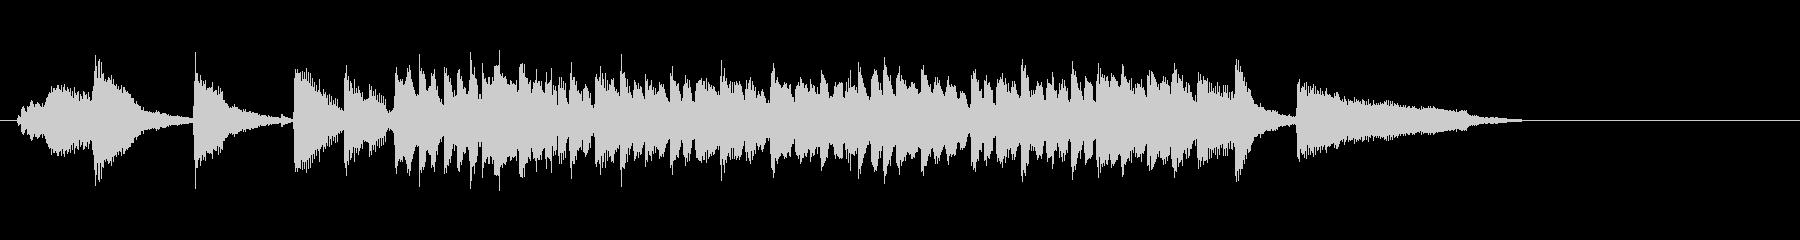 テーマ4A:代替ミックスの未再生の波形